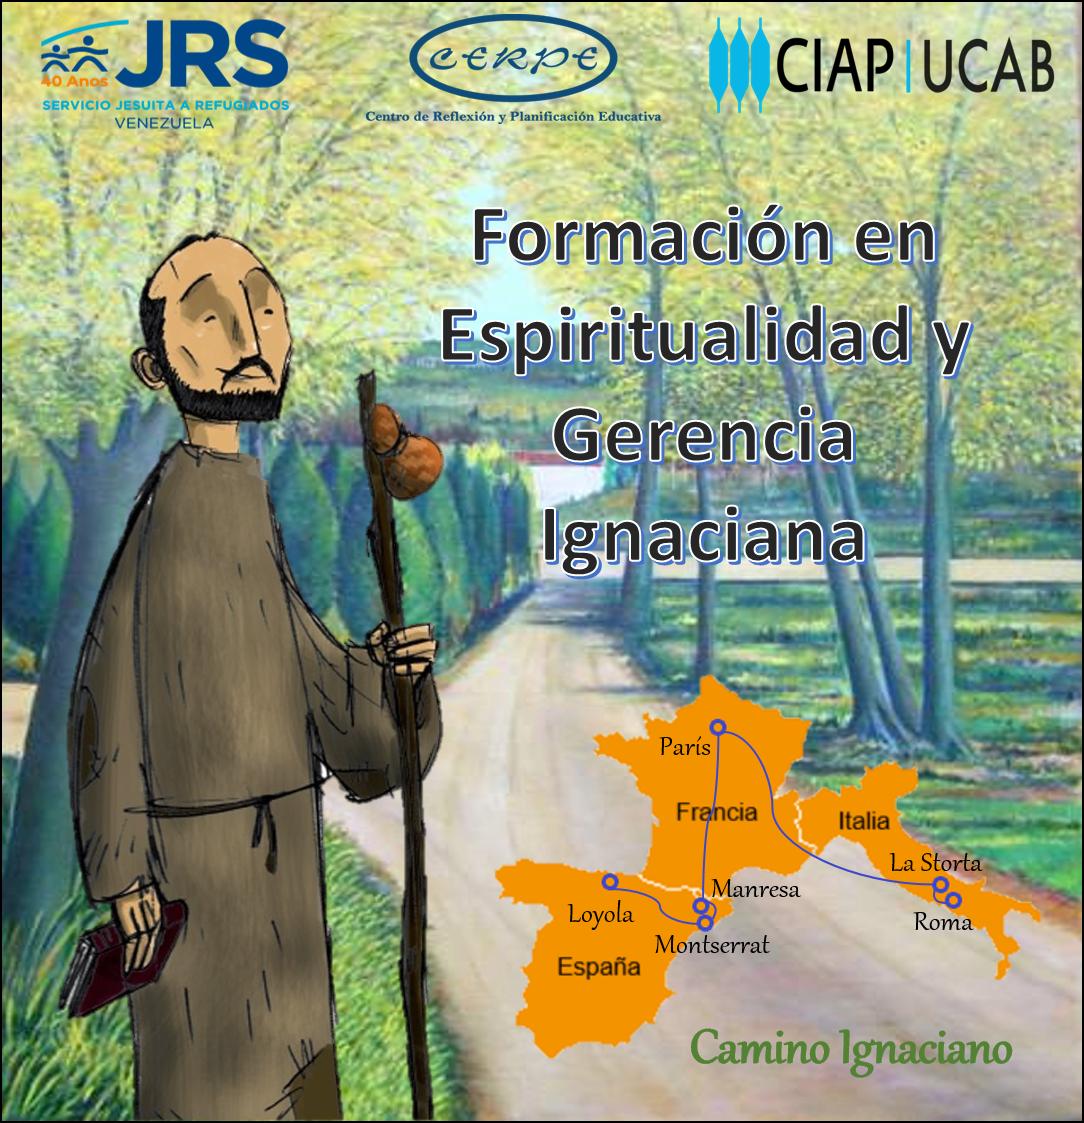 Formación en Espiritualidad y Gerencia Ignaciana